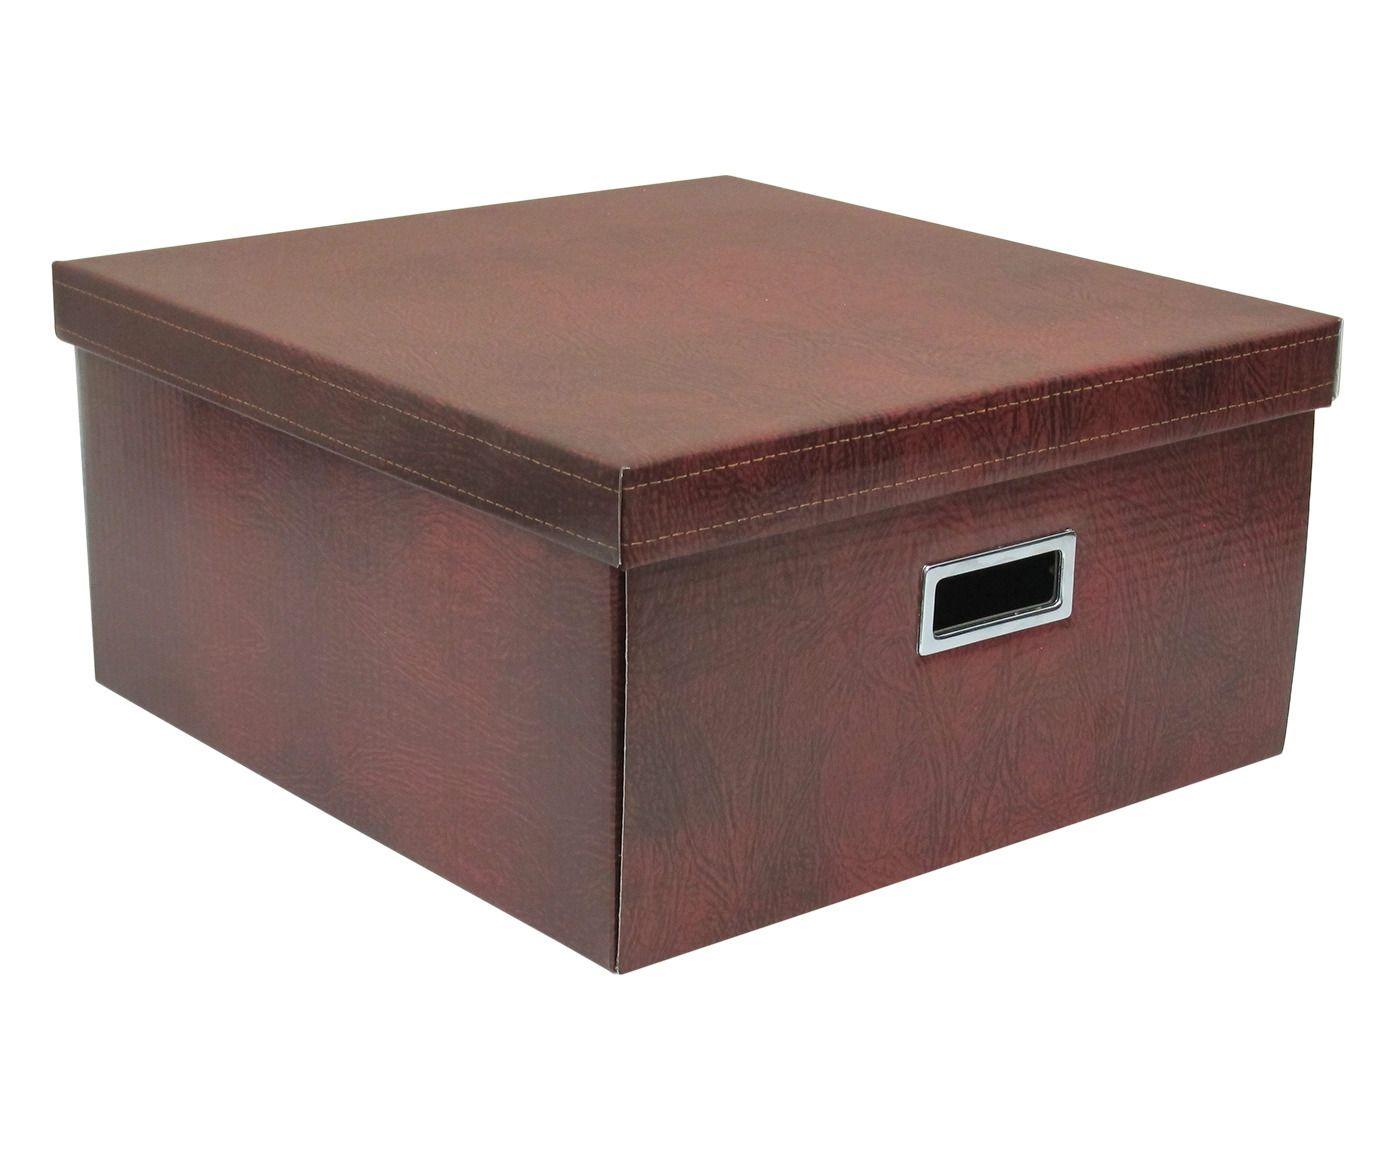 Caixa Organizadora Carmi Marrom - 40X20X40cm | Westwing.com.br